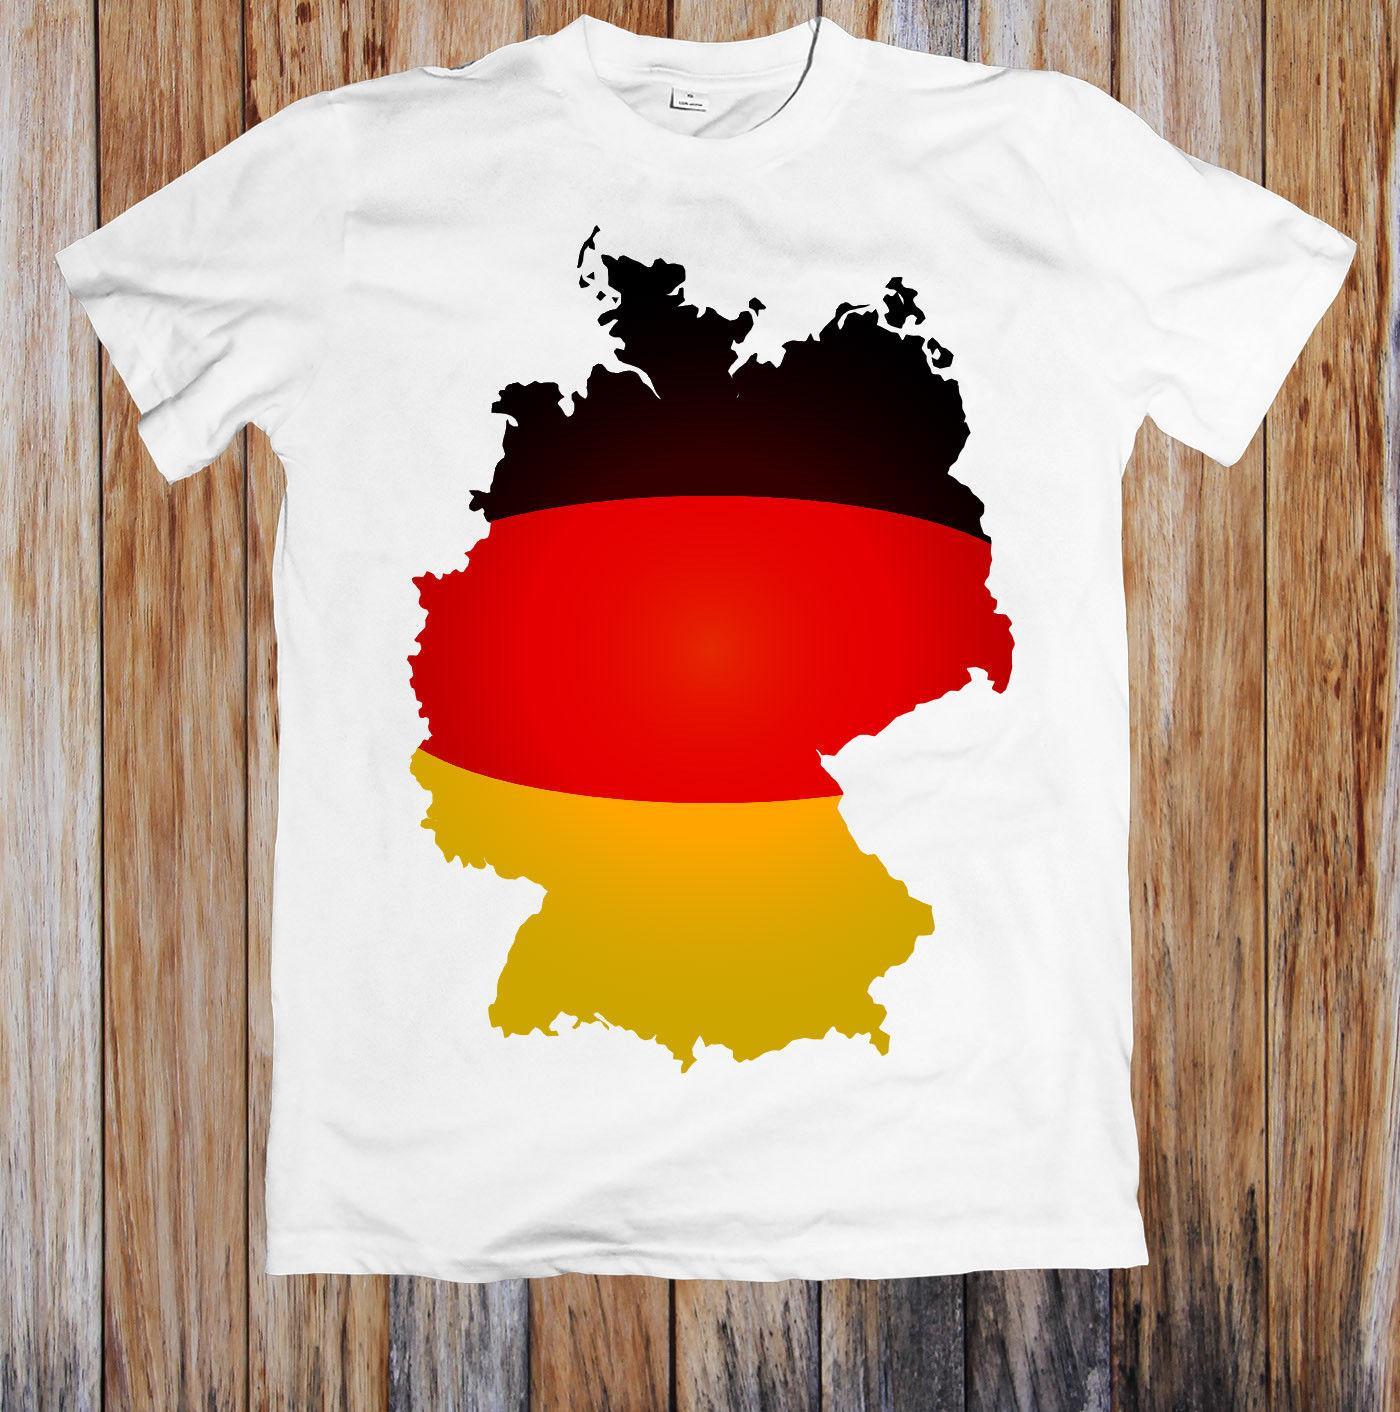 3499a9d1b1cad Compre Mapa Da Bandeira Da Alemanha Unisex T Camisa Cor Jersey Imprimir  Camiseta RETRO VINTAGE Clássico T Shirt De Fourcup